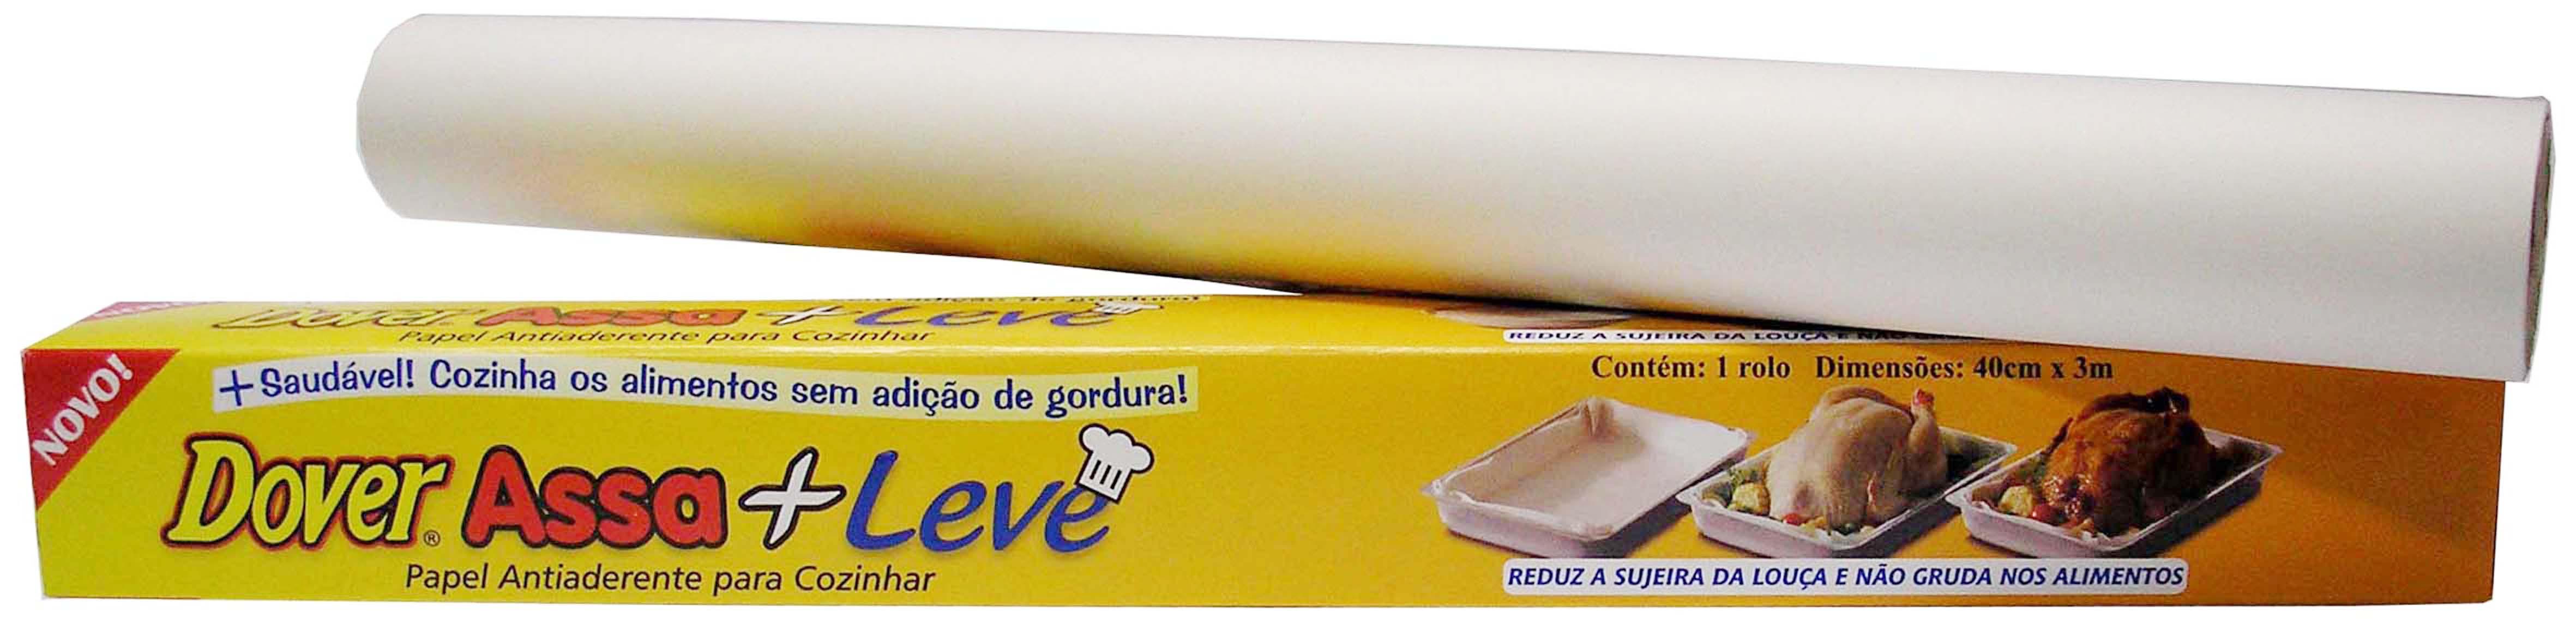 Papel Antiaderente Dover Assa+Leve para Cozinhar 40cm x 3m